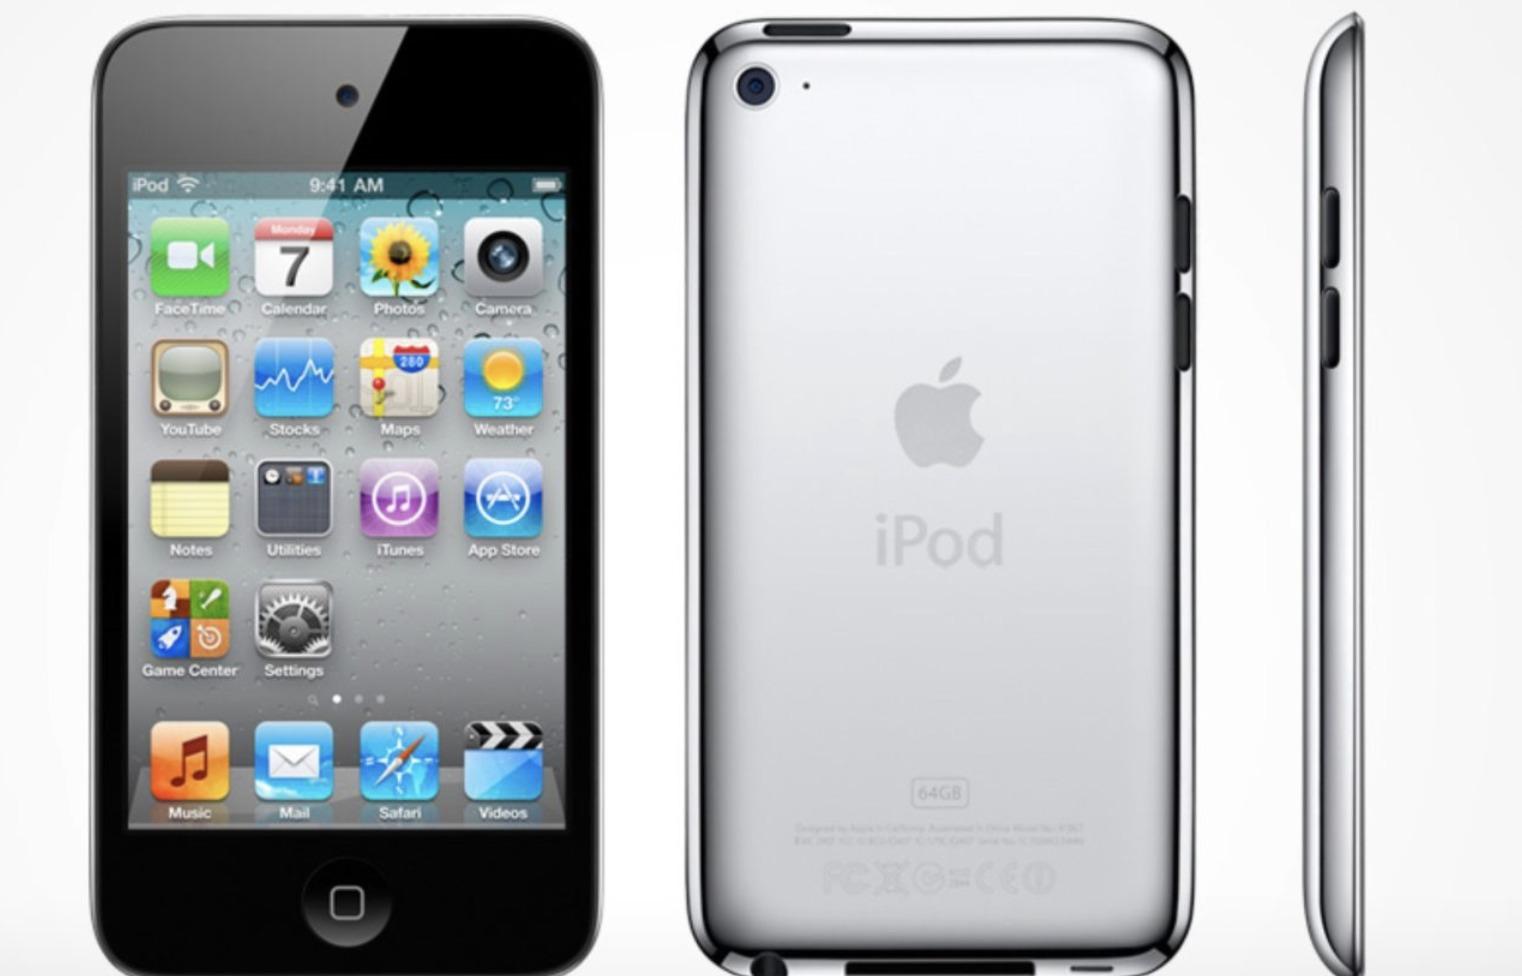 Eller blir designet mer som denne iPod-modellen?